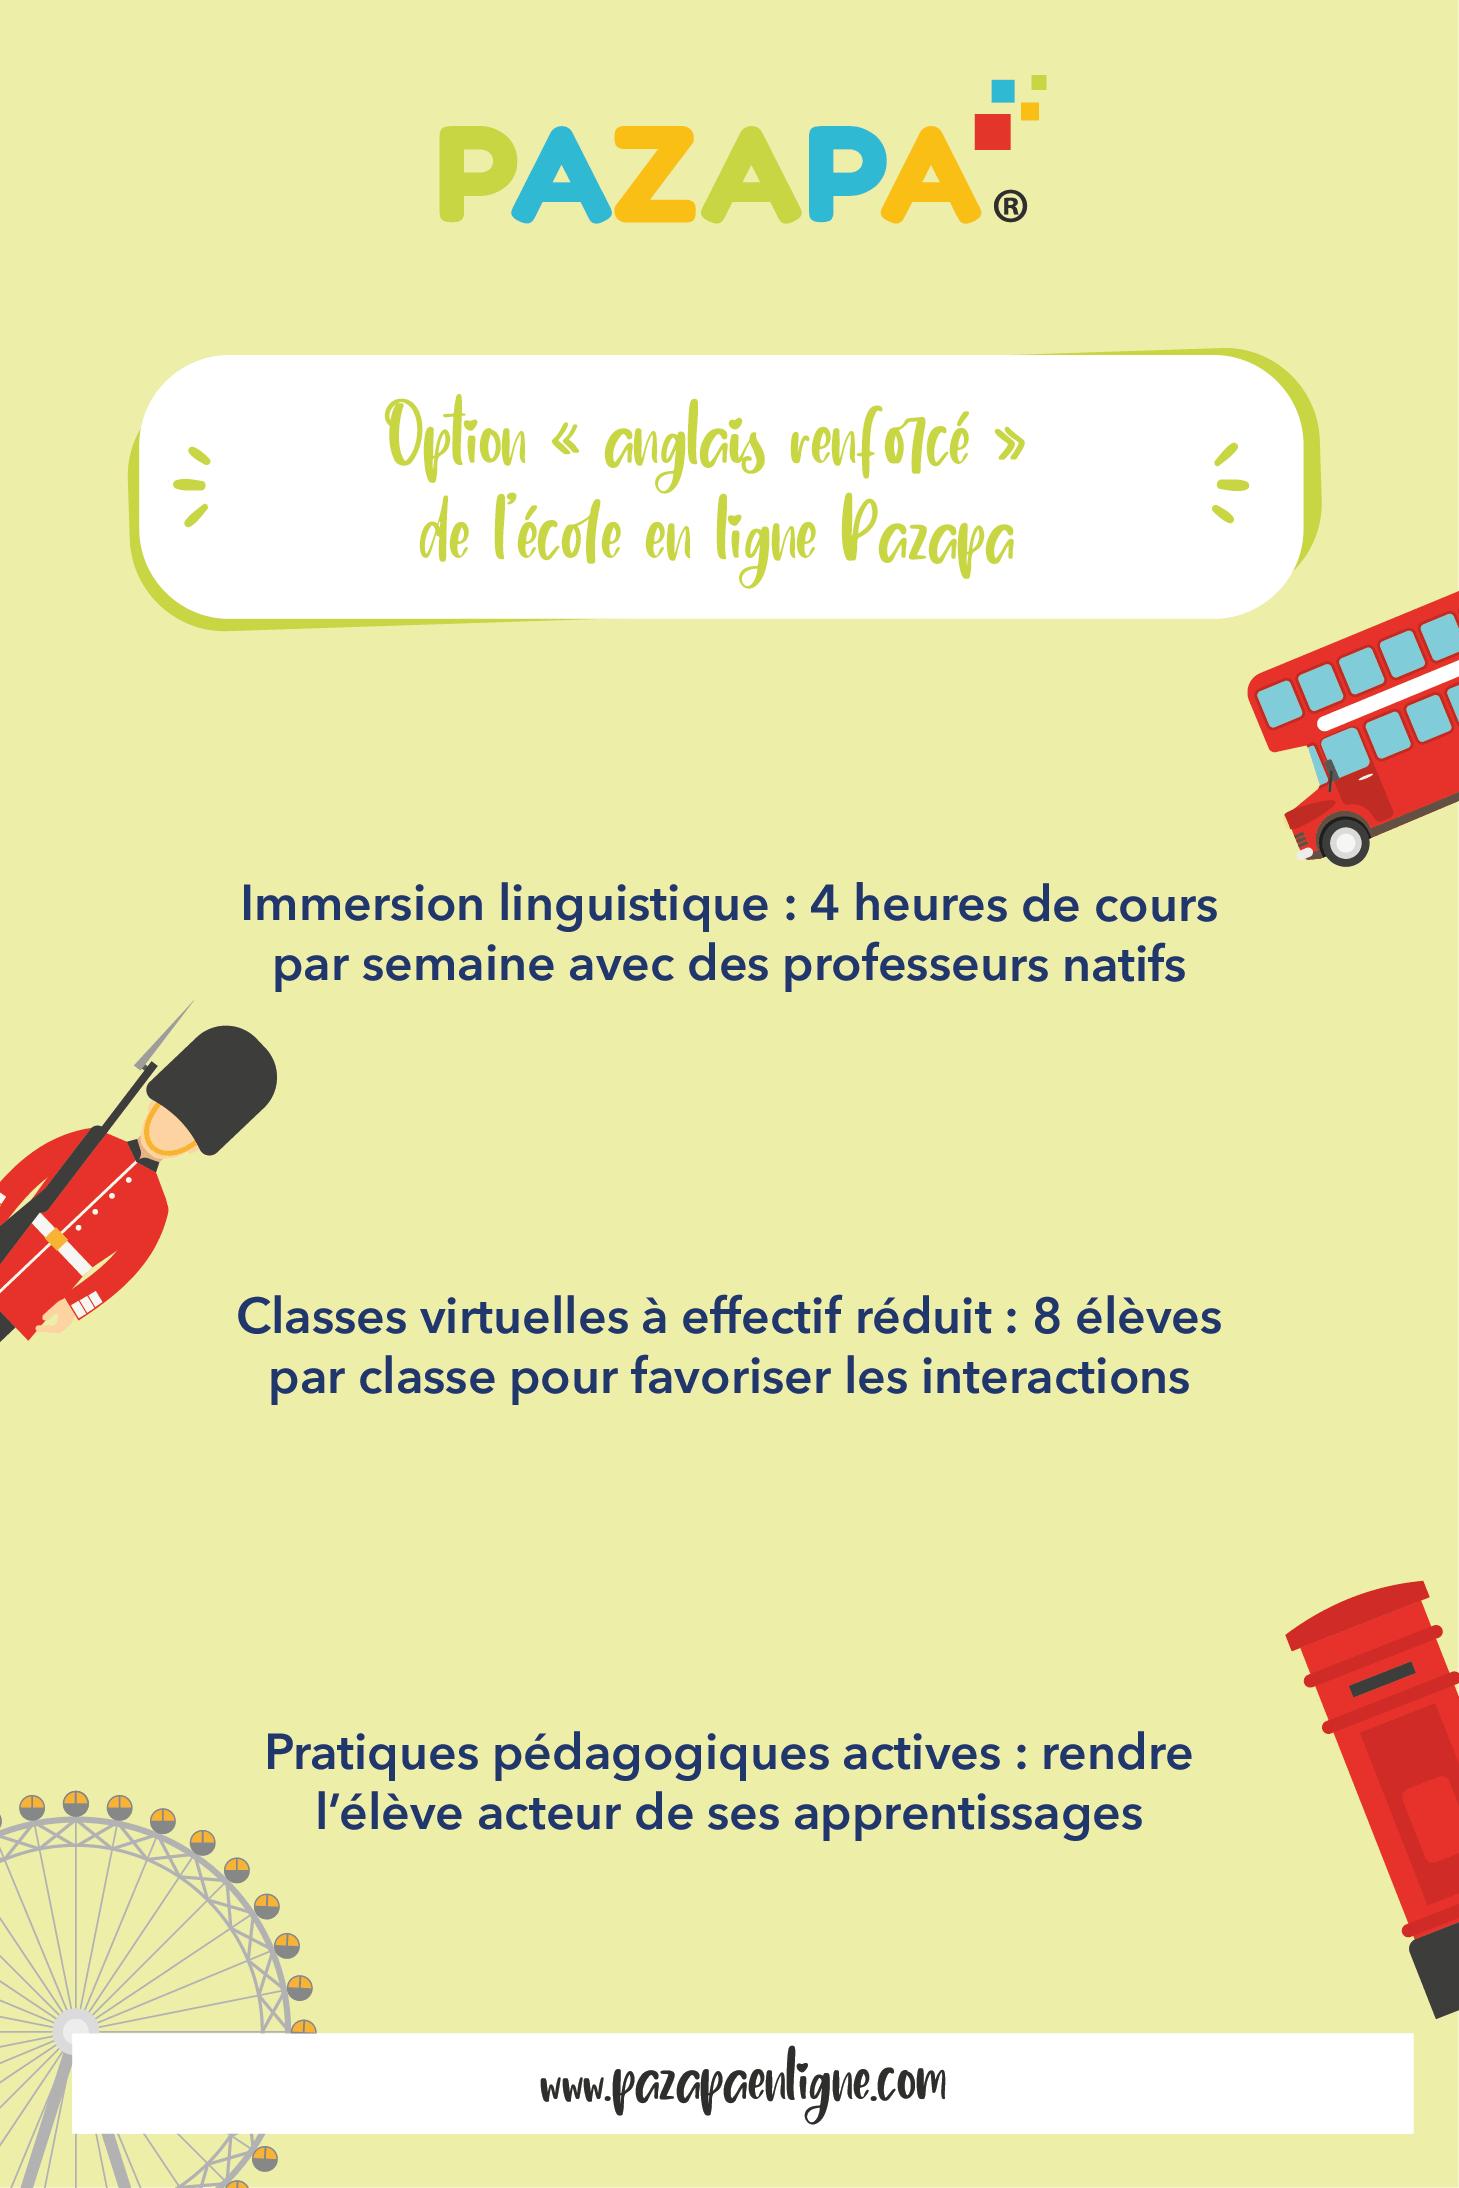 devenir-bilingue-college-option-anglais-renforce